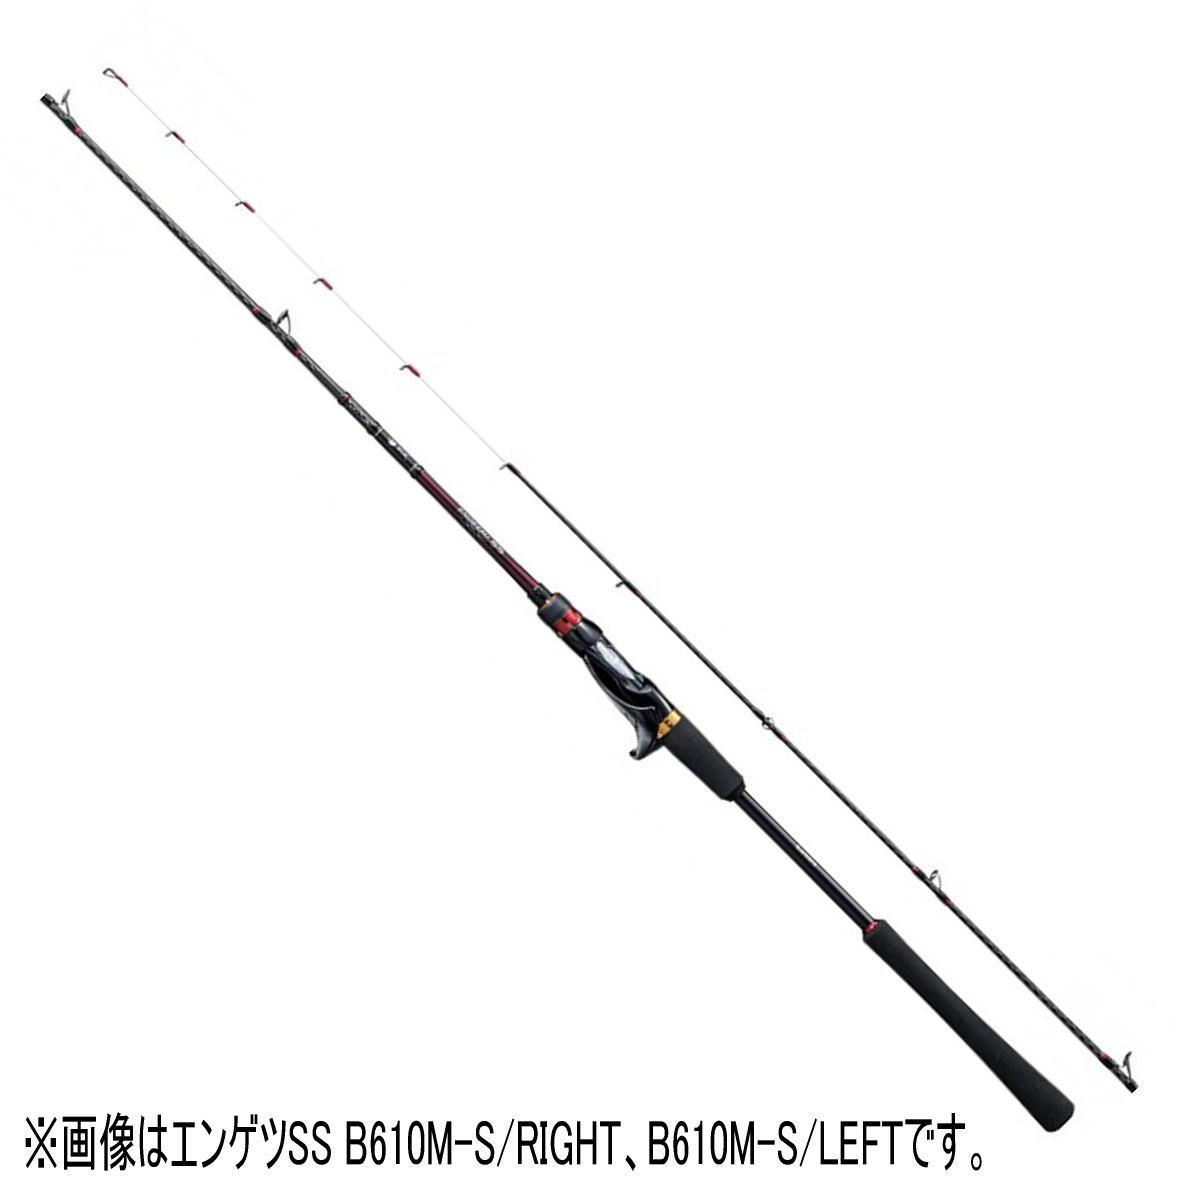 【送料無料5】シマノ ロッド '20 エンゲツ SS B66ML-S/LEFT 【2020年新製品】